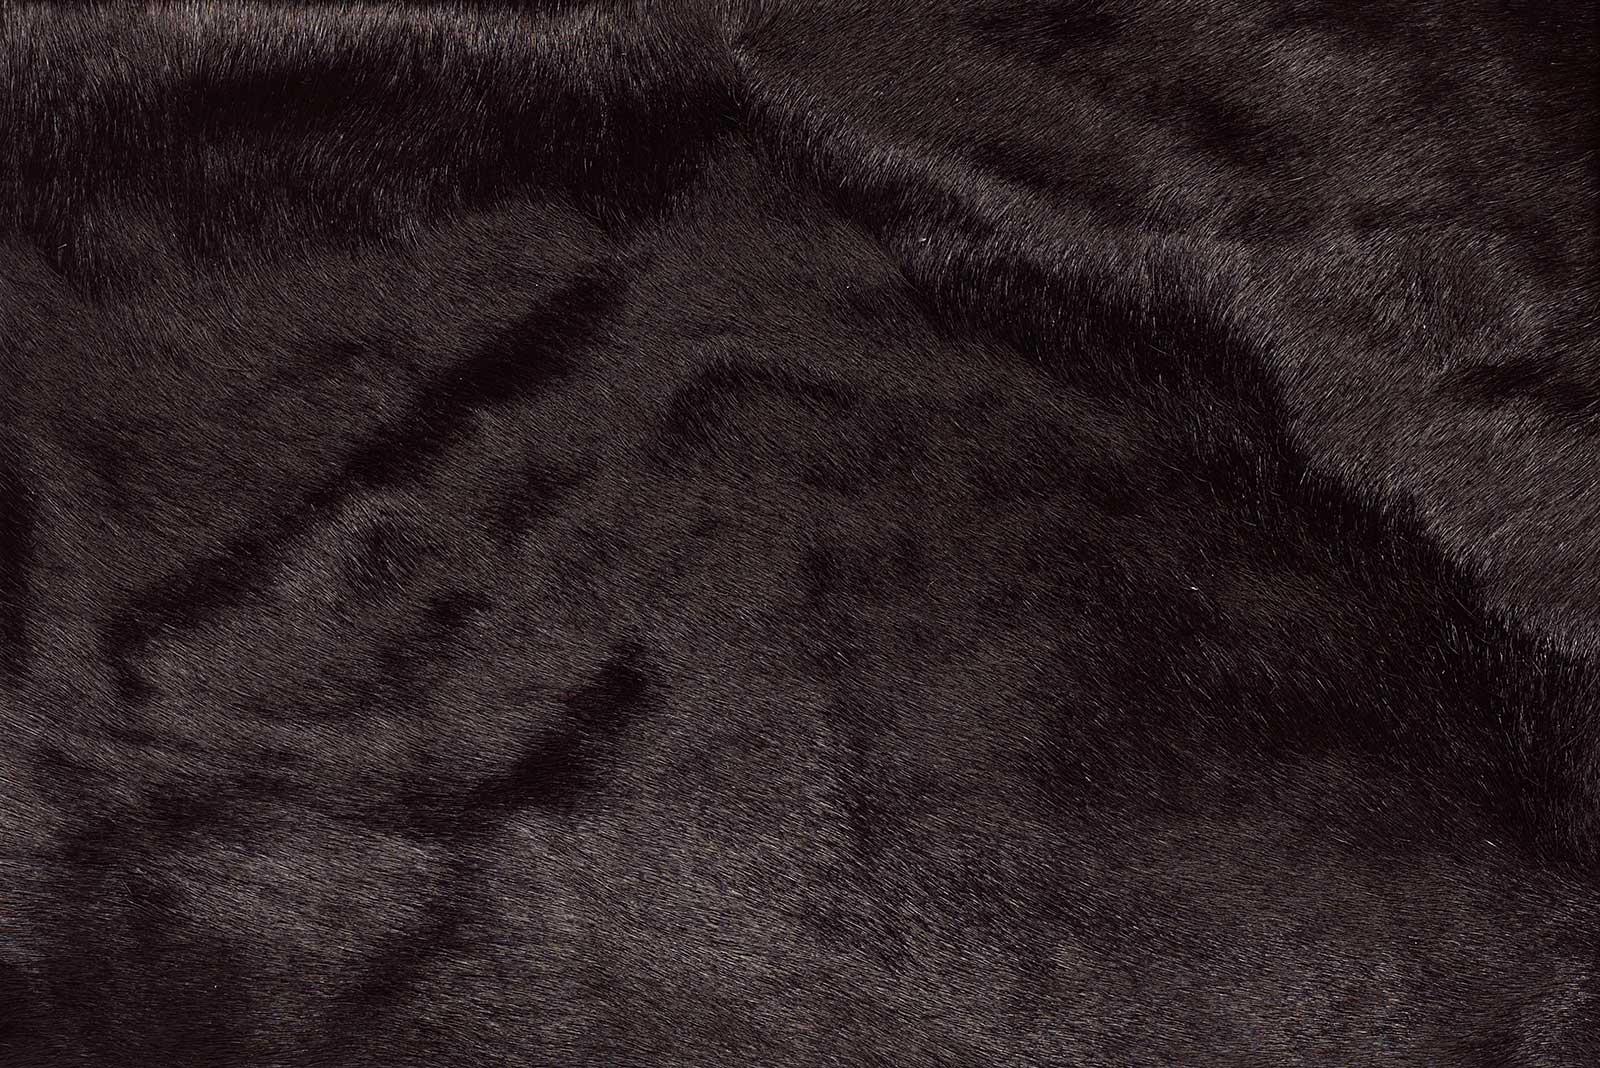 tappeto bianco nero beige colorato grigio grande morbido misura pelle bovina mucca conciata